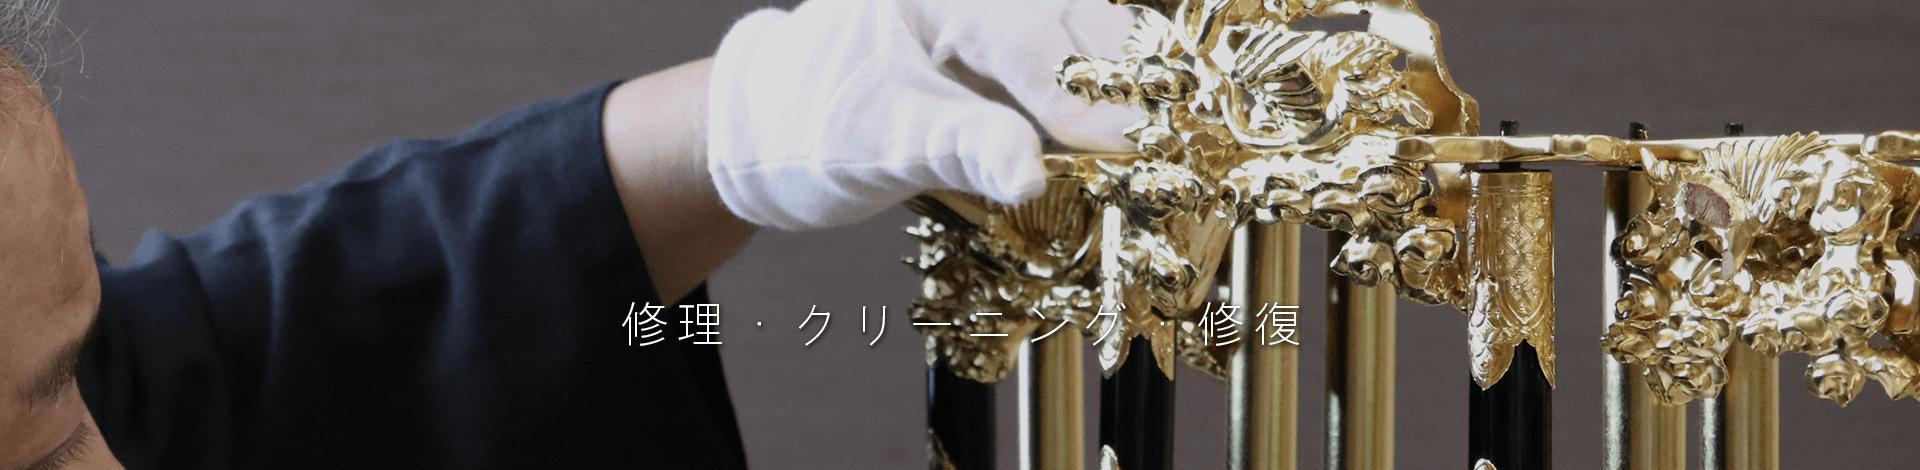 お仏壇・仏具の修理、クリーニング、修復は実績多数の工匠館へ